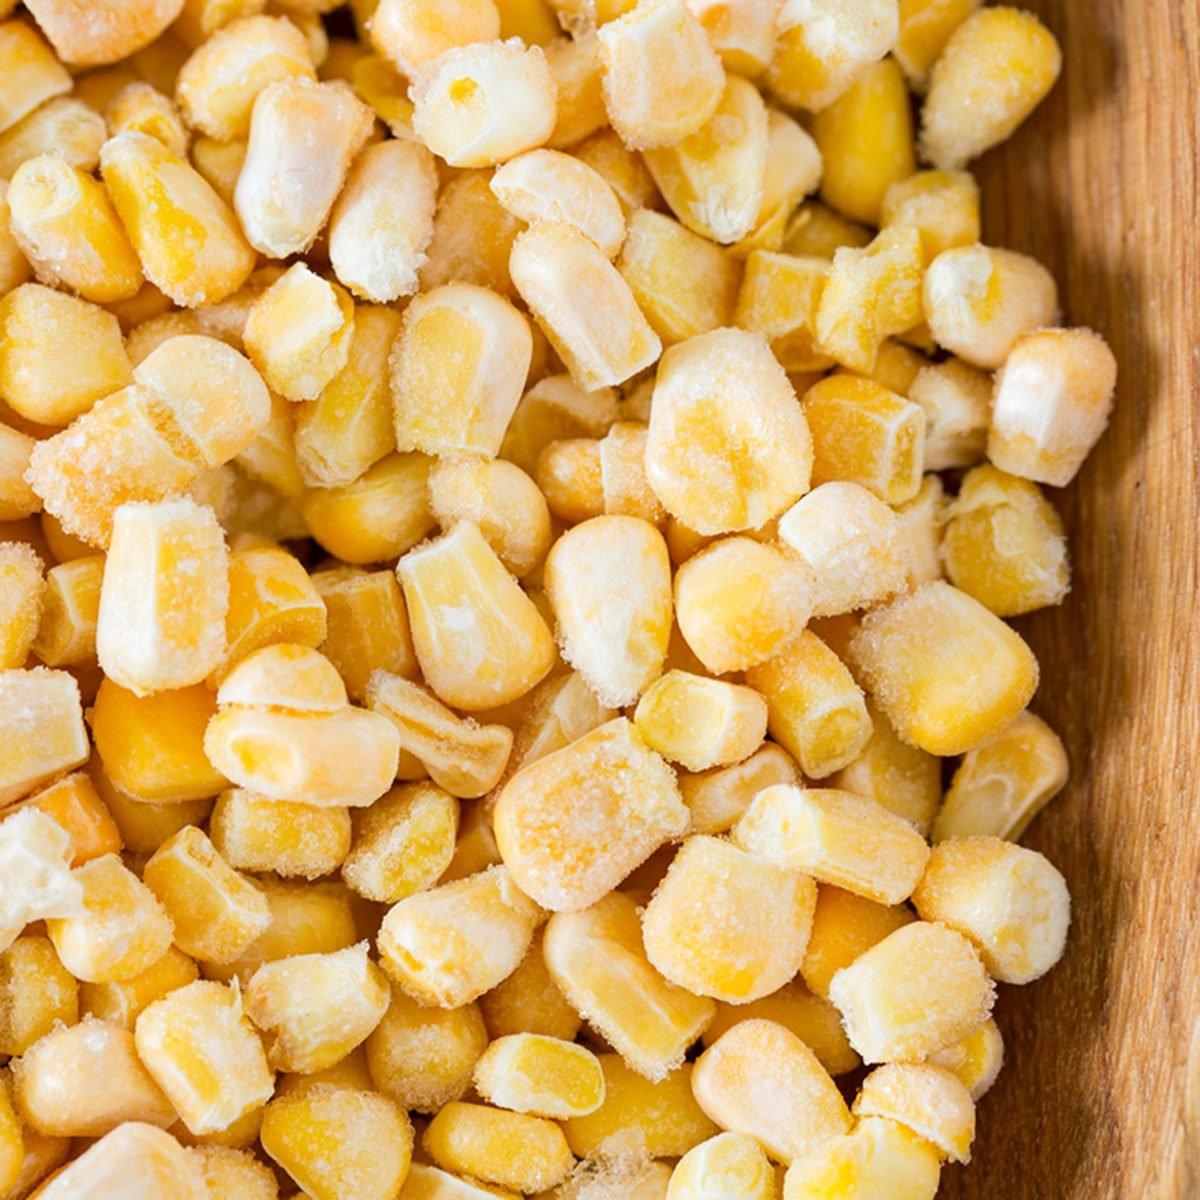 frozen sweet corn on woode surface